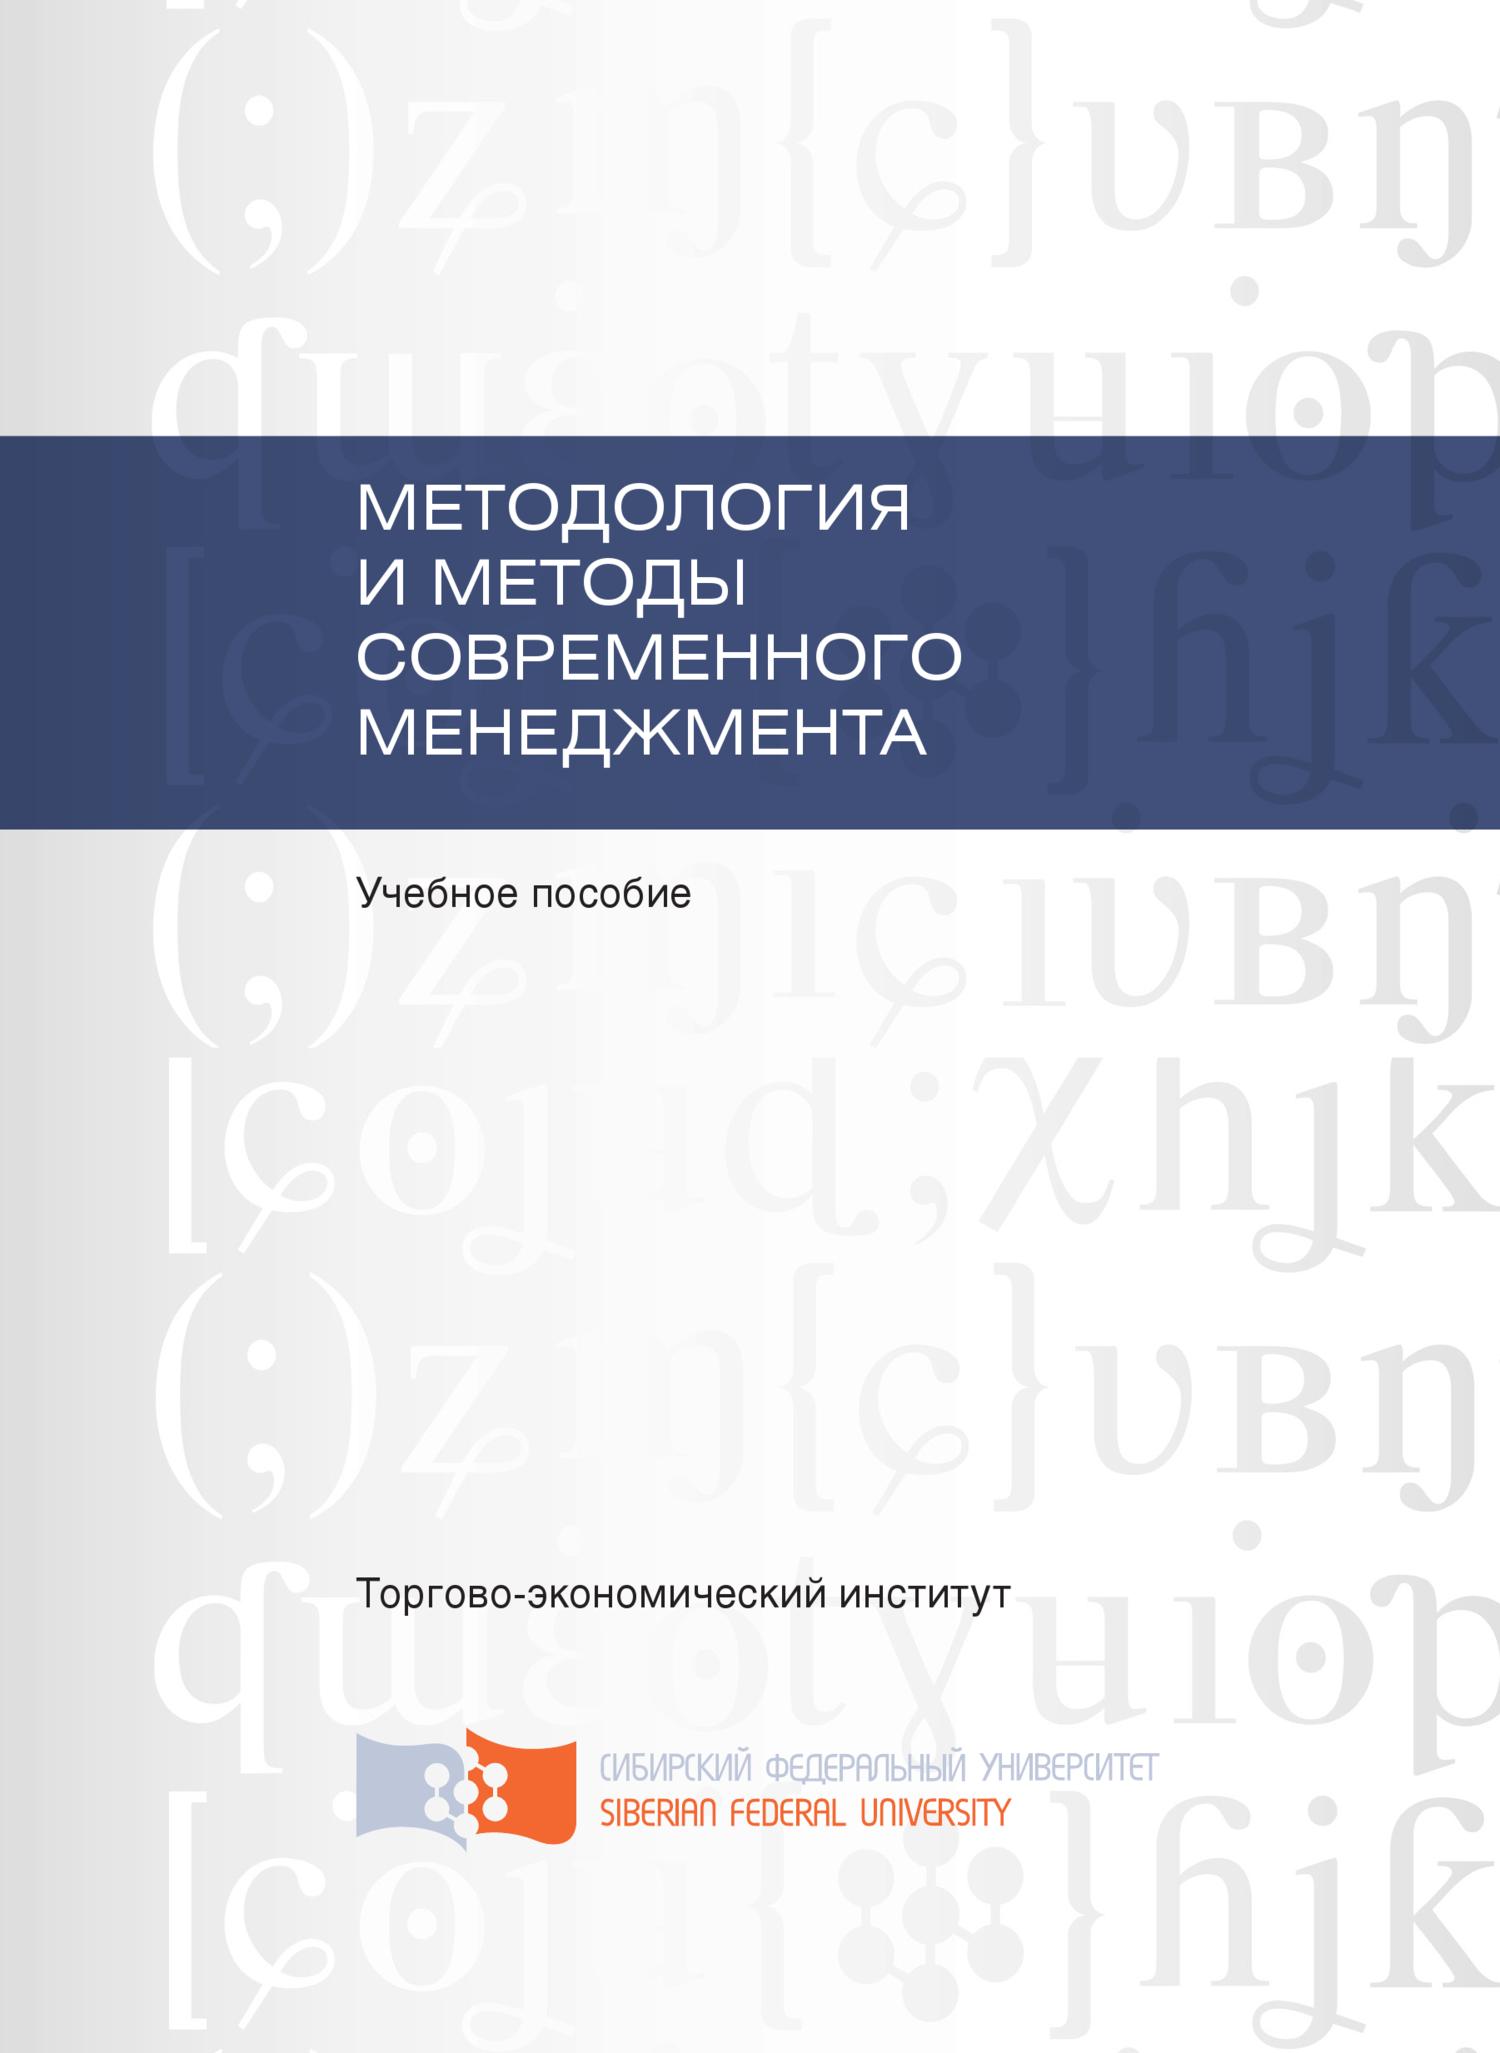 Альбина Чаплина, Инна Щедрина - Методология и методы современного менеджмента